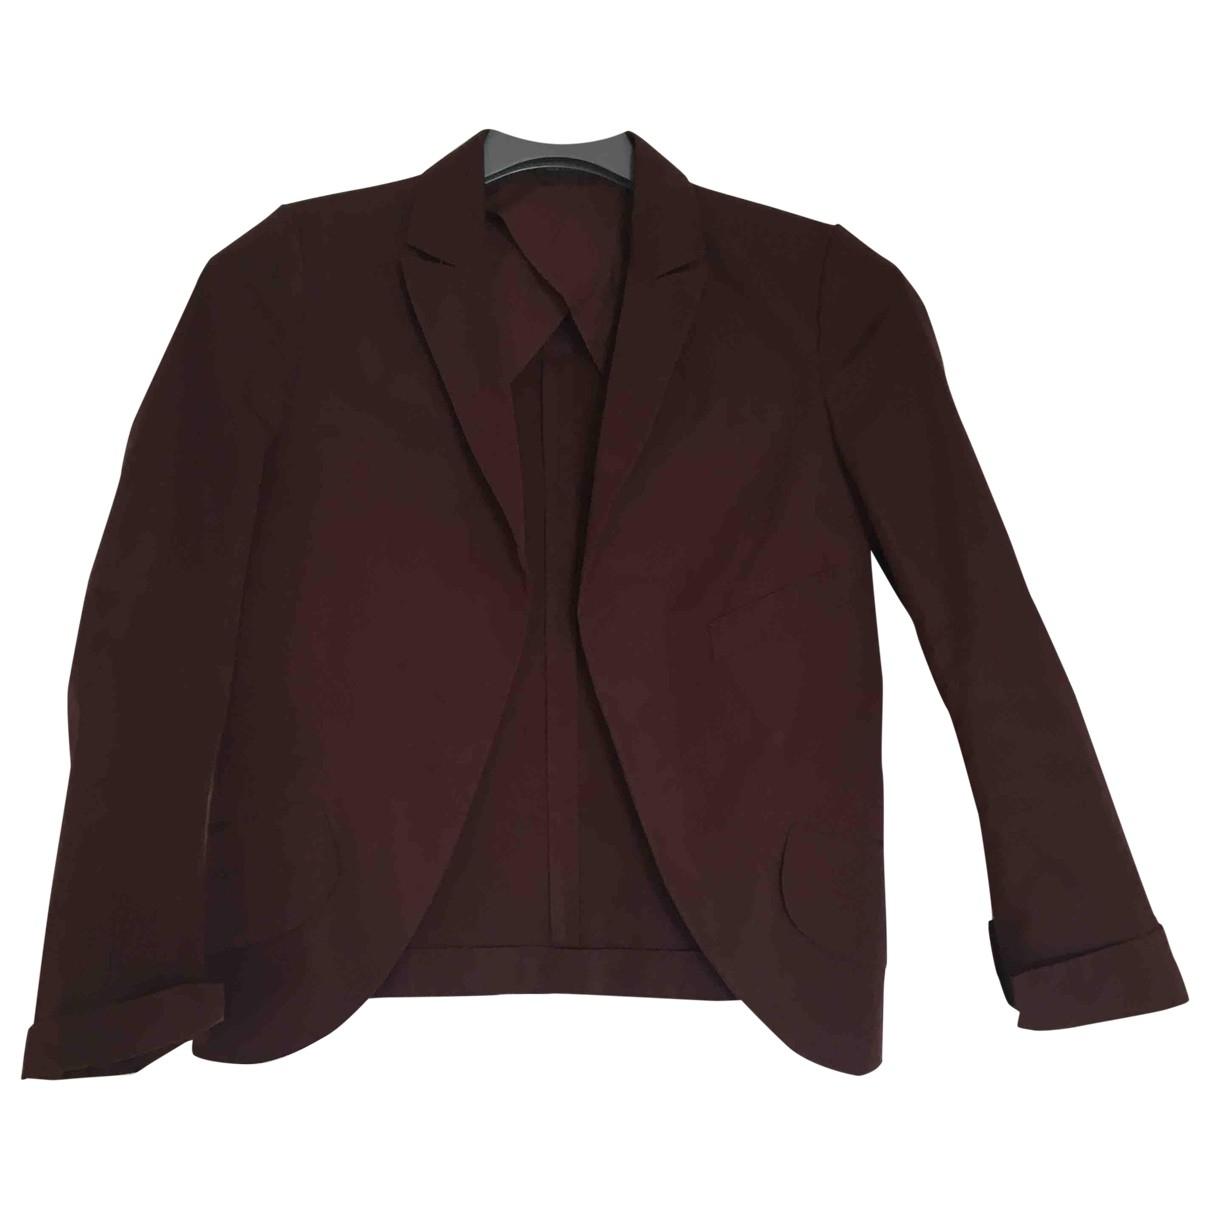 Jil Sander \N Burgundy Cotton jacket for Women 36 FR